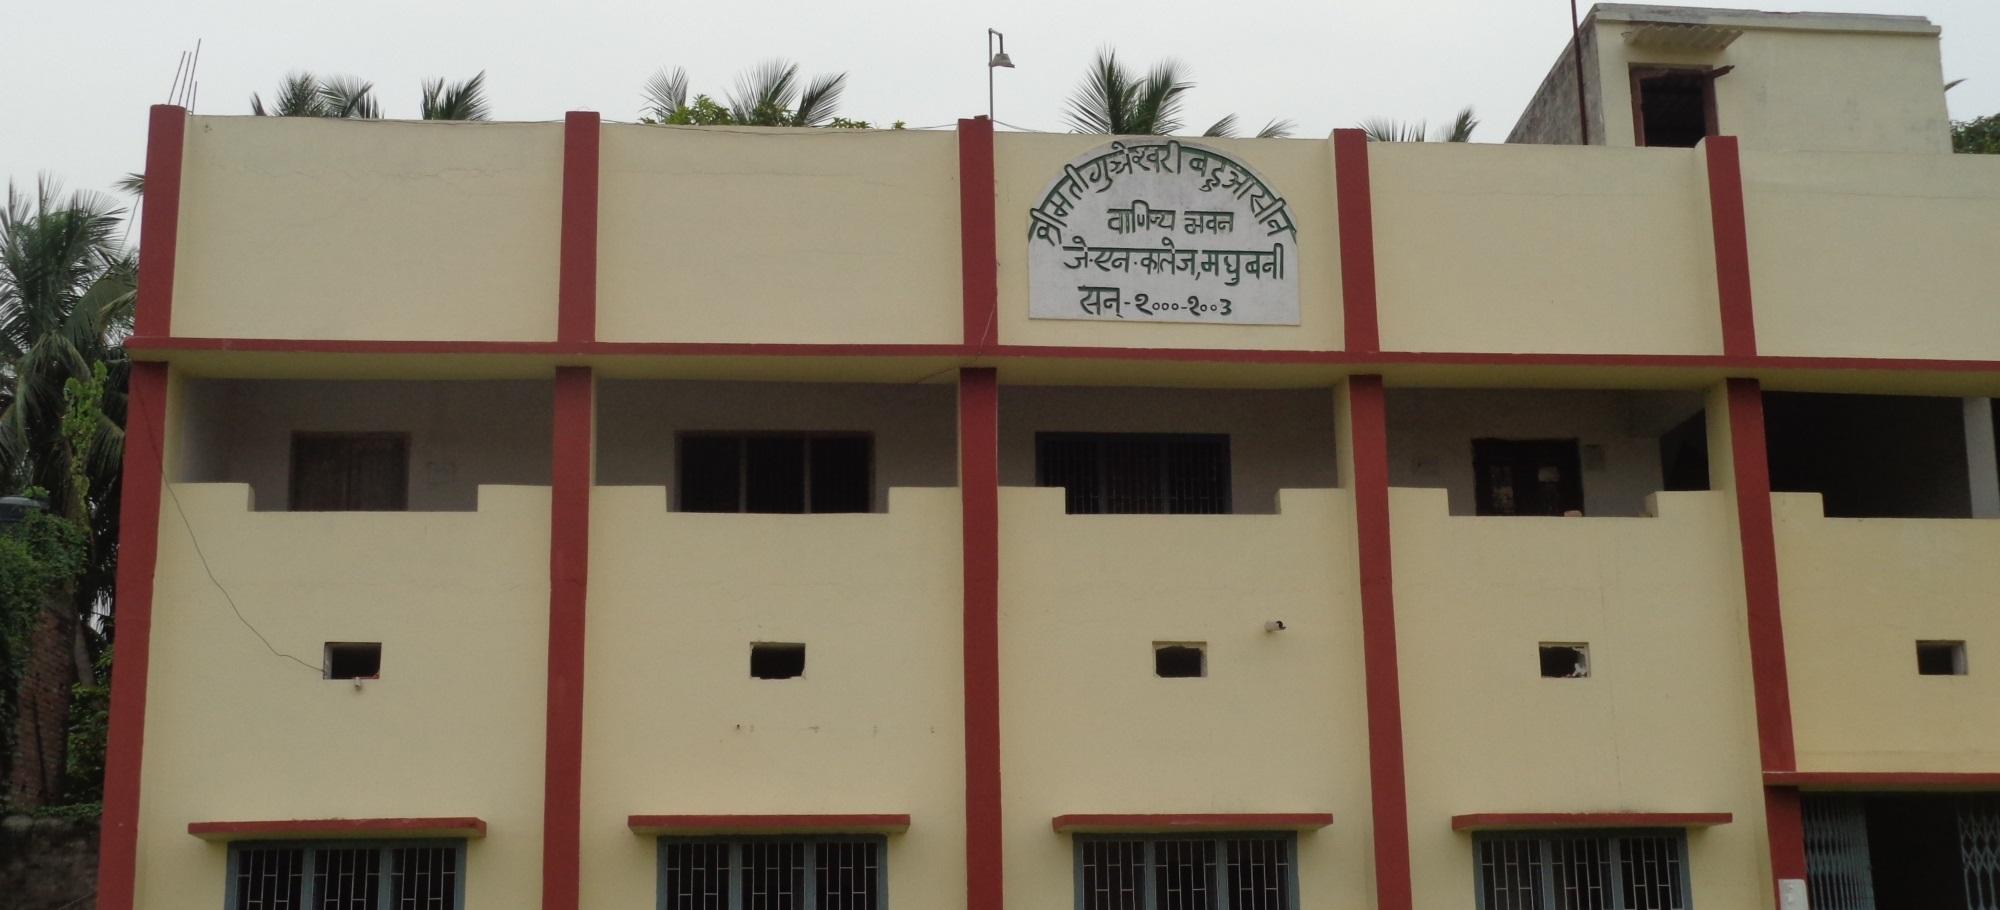 Jagadish Nandan College, Madhubani